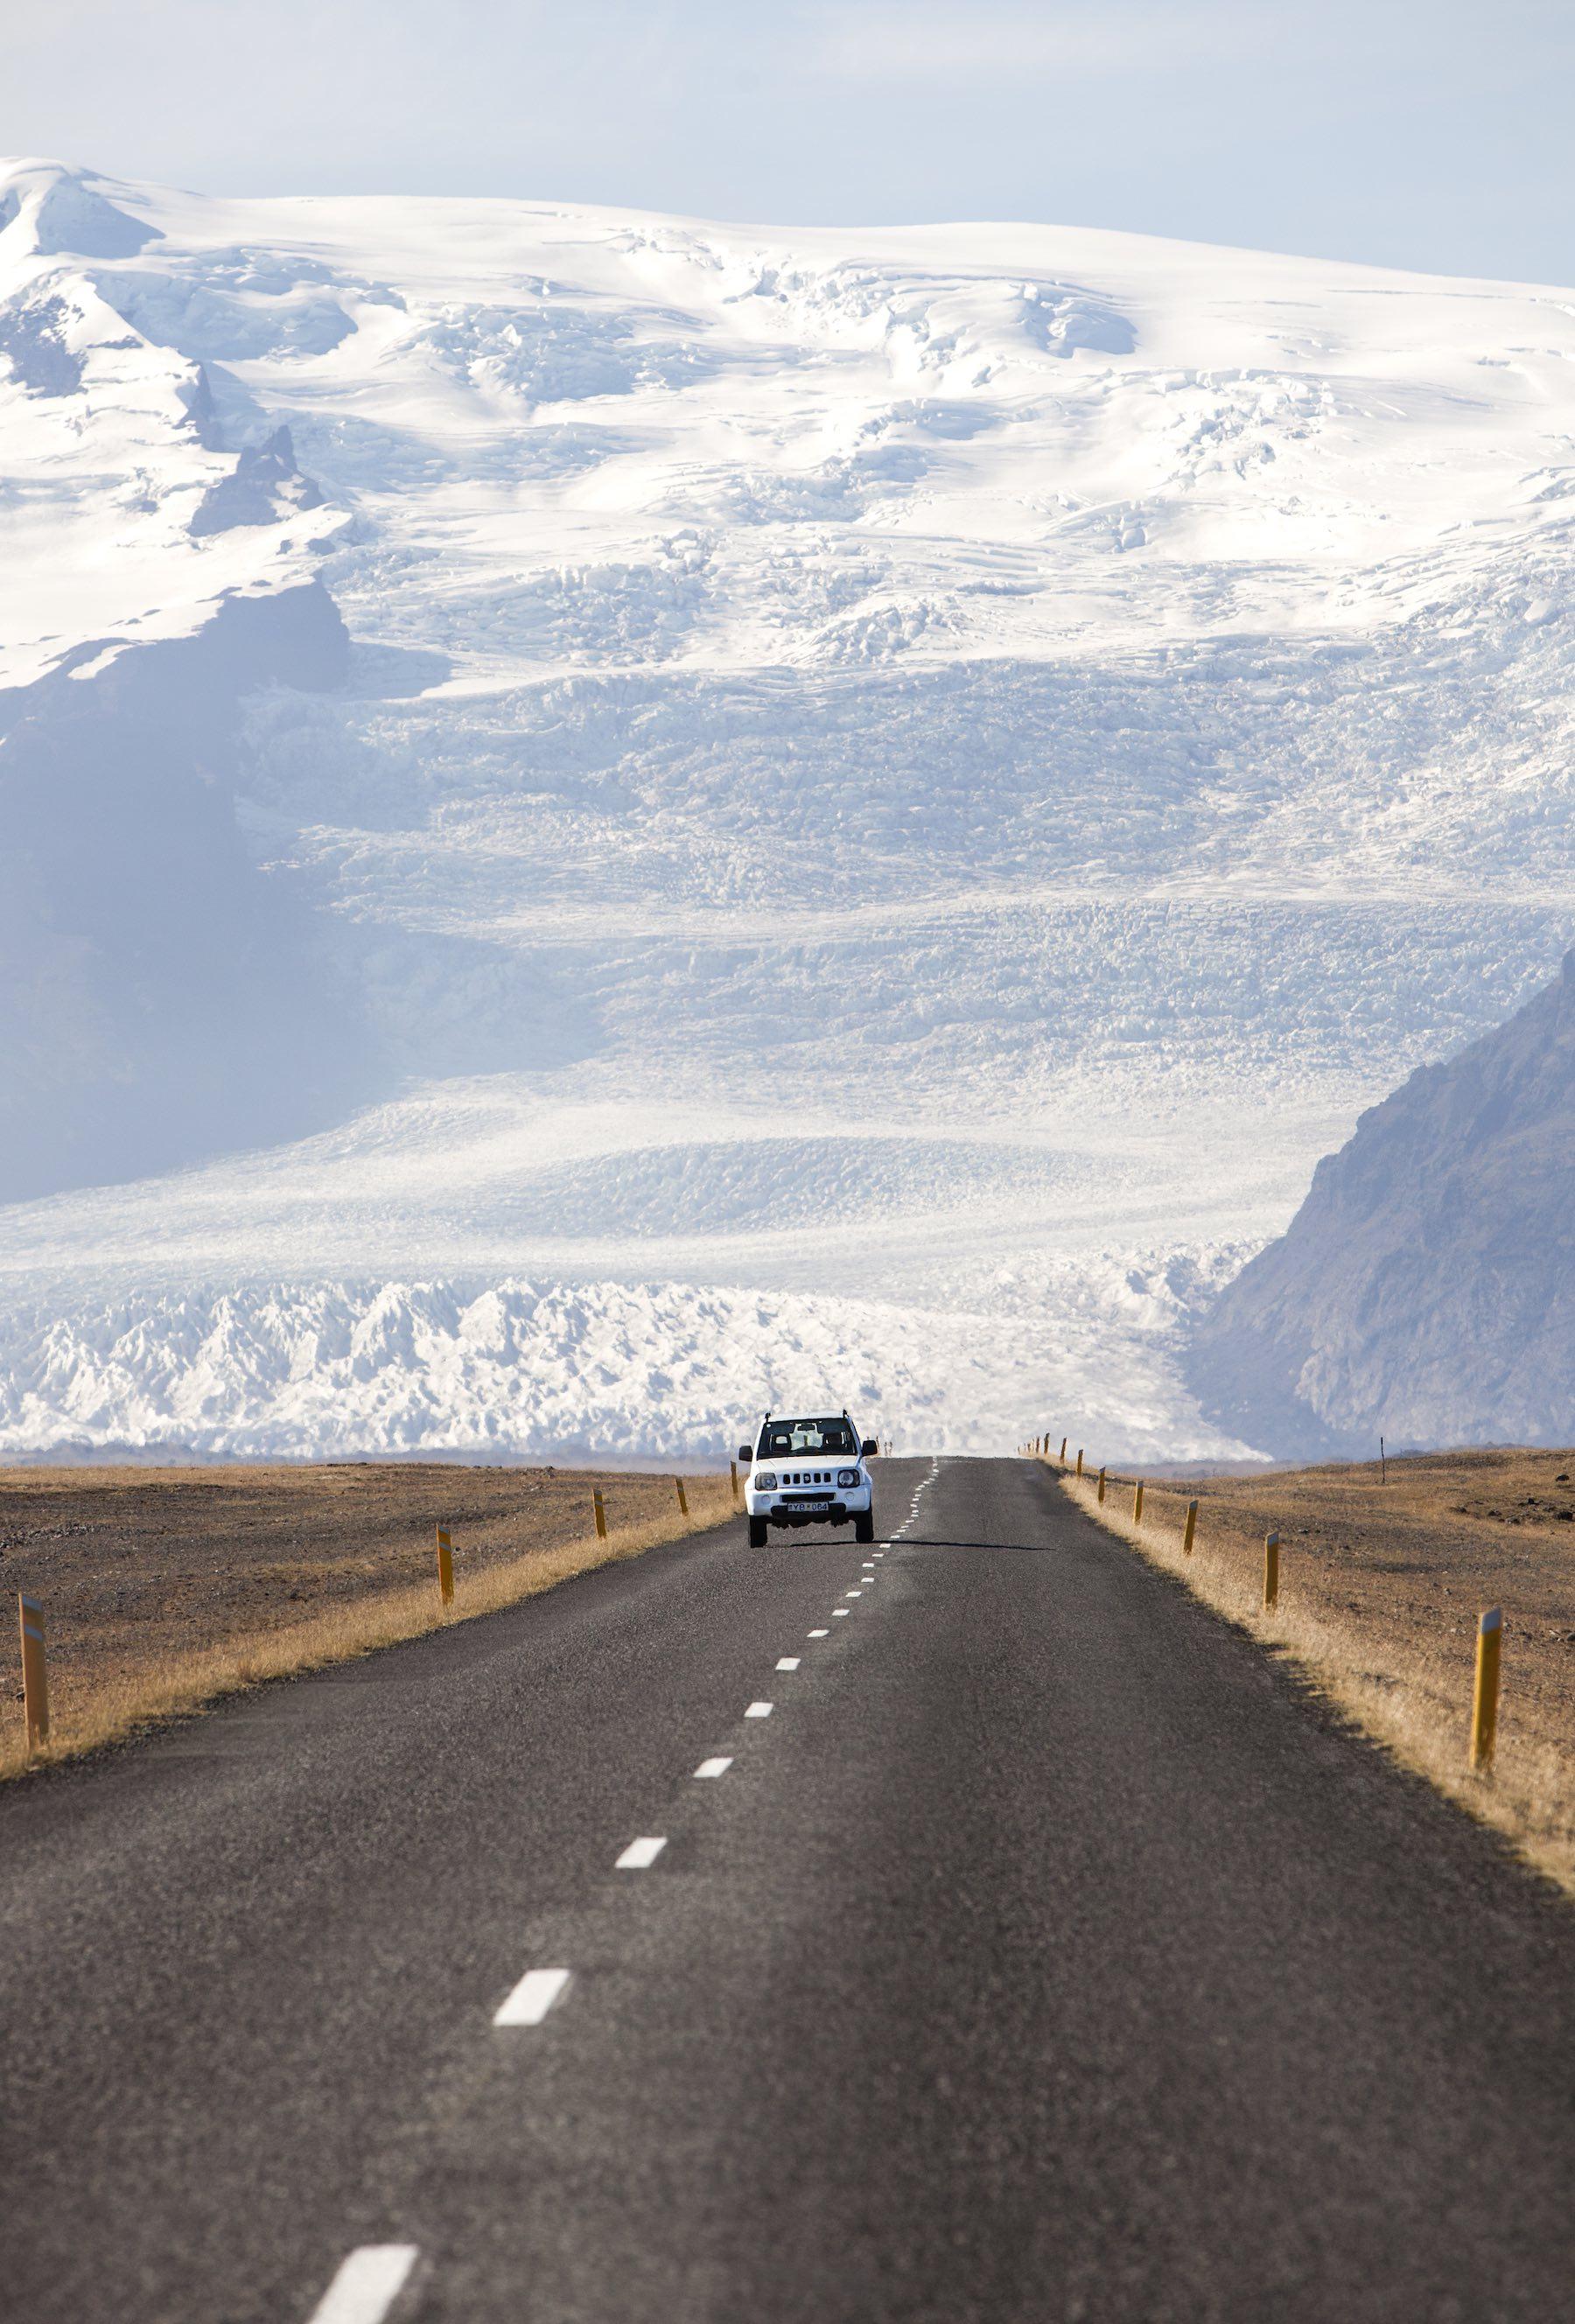 Islannin ykköstie on päällystetty ja hyväkuntoinen, mutta kapea ja hidaskulkuinen. Maksiminopeus on 90 km/h. Kesäaikaan: varo lampaita! Kuva: Björgvin Hilmarsson